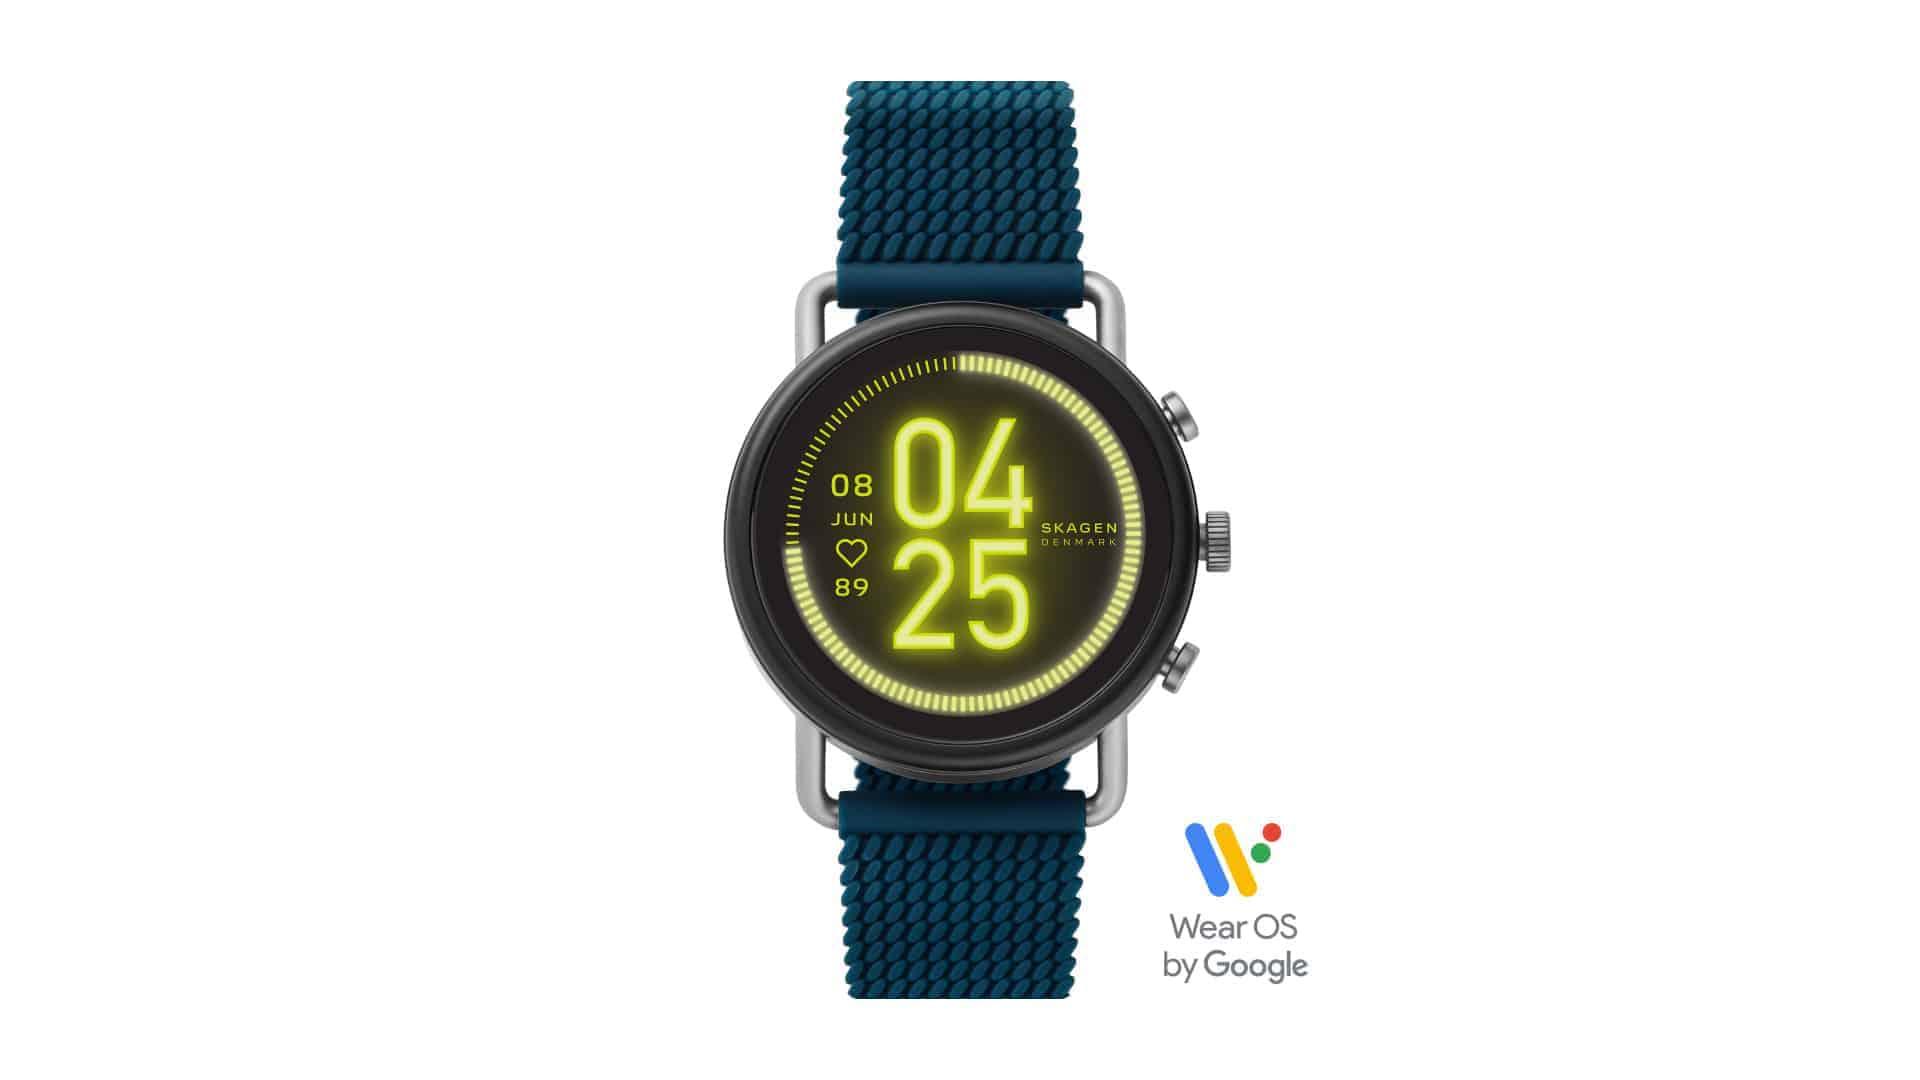 SKAGEN Falster 3 Wear OS Watch 13